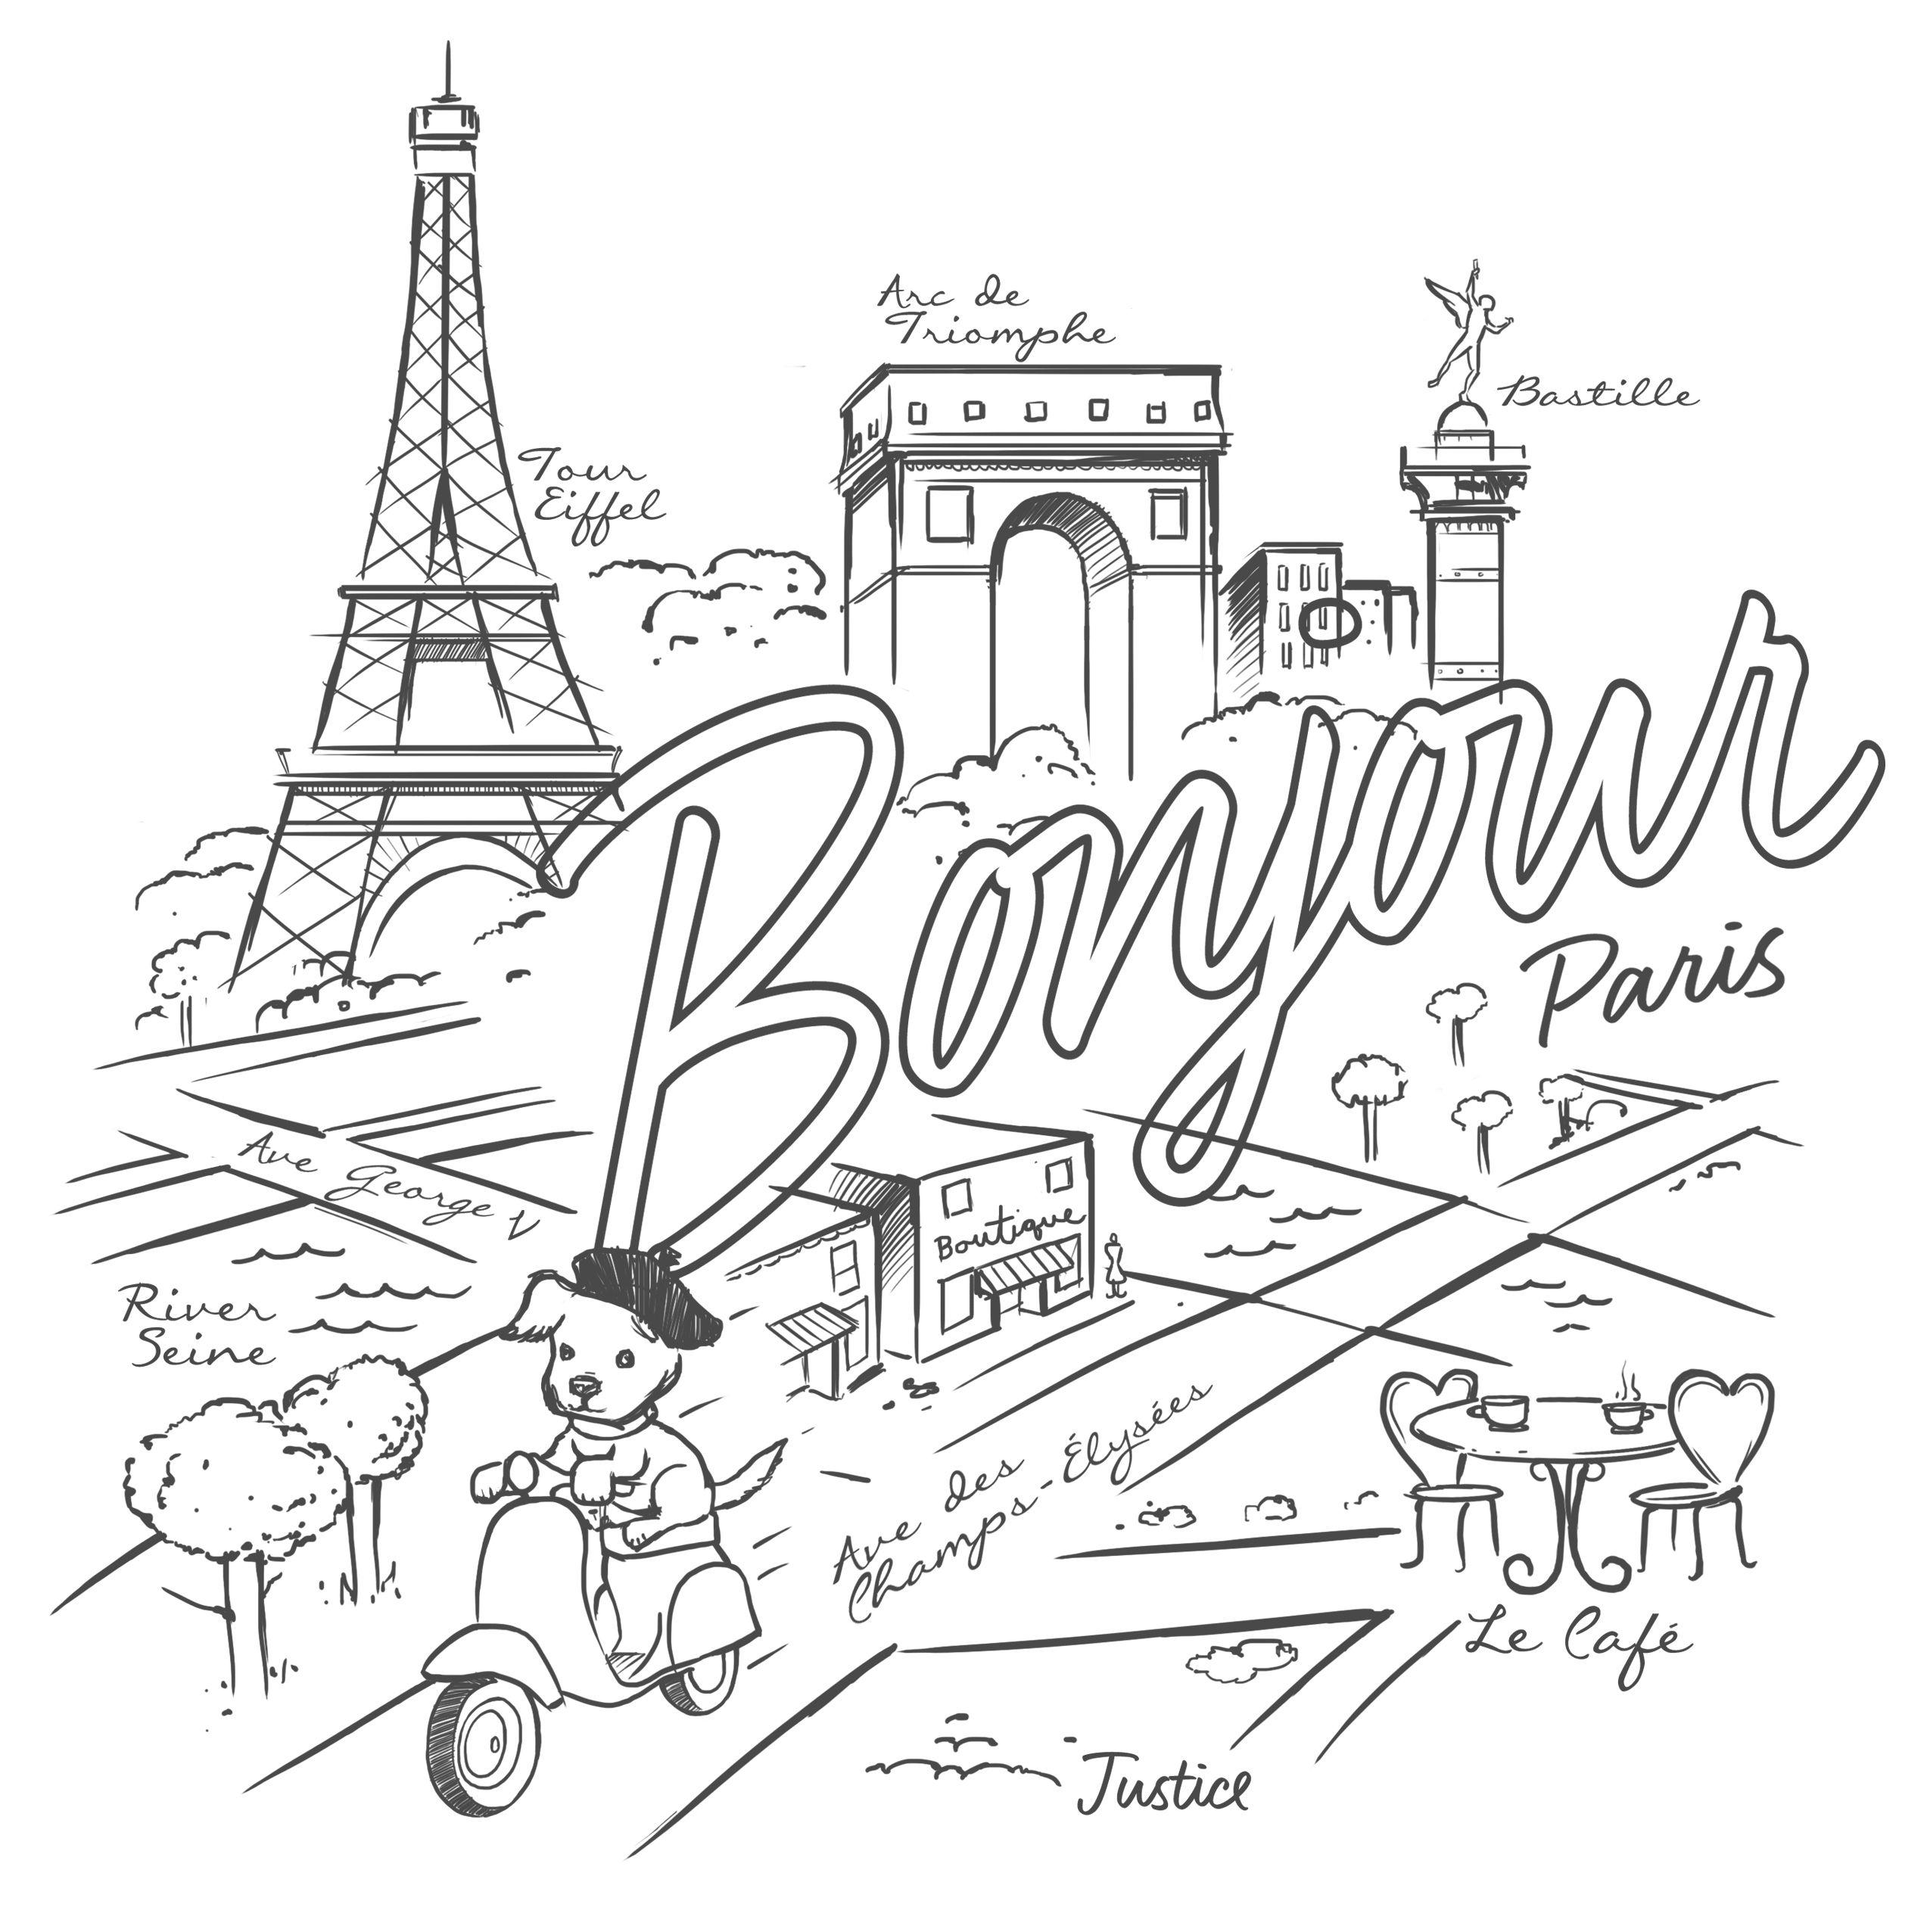 Palais De Justice Palace Of Justice Paris Law Courts Paris France Travel Travel Related